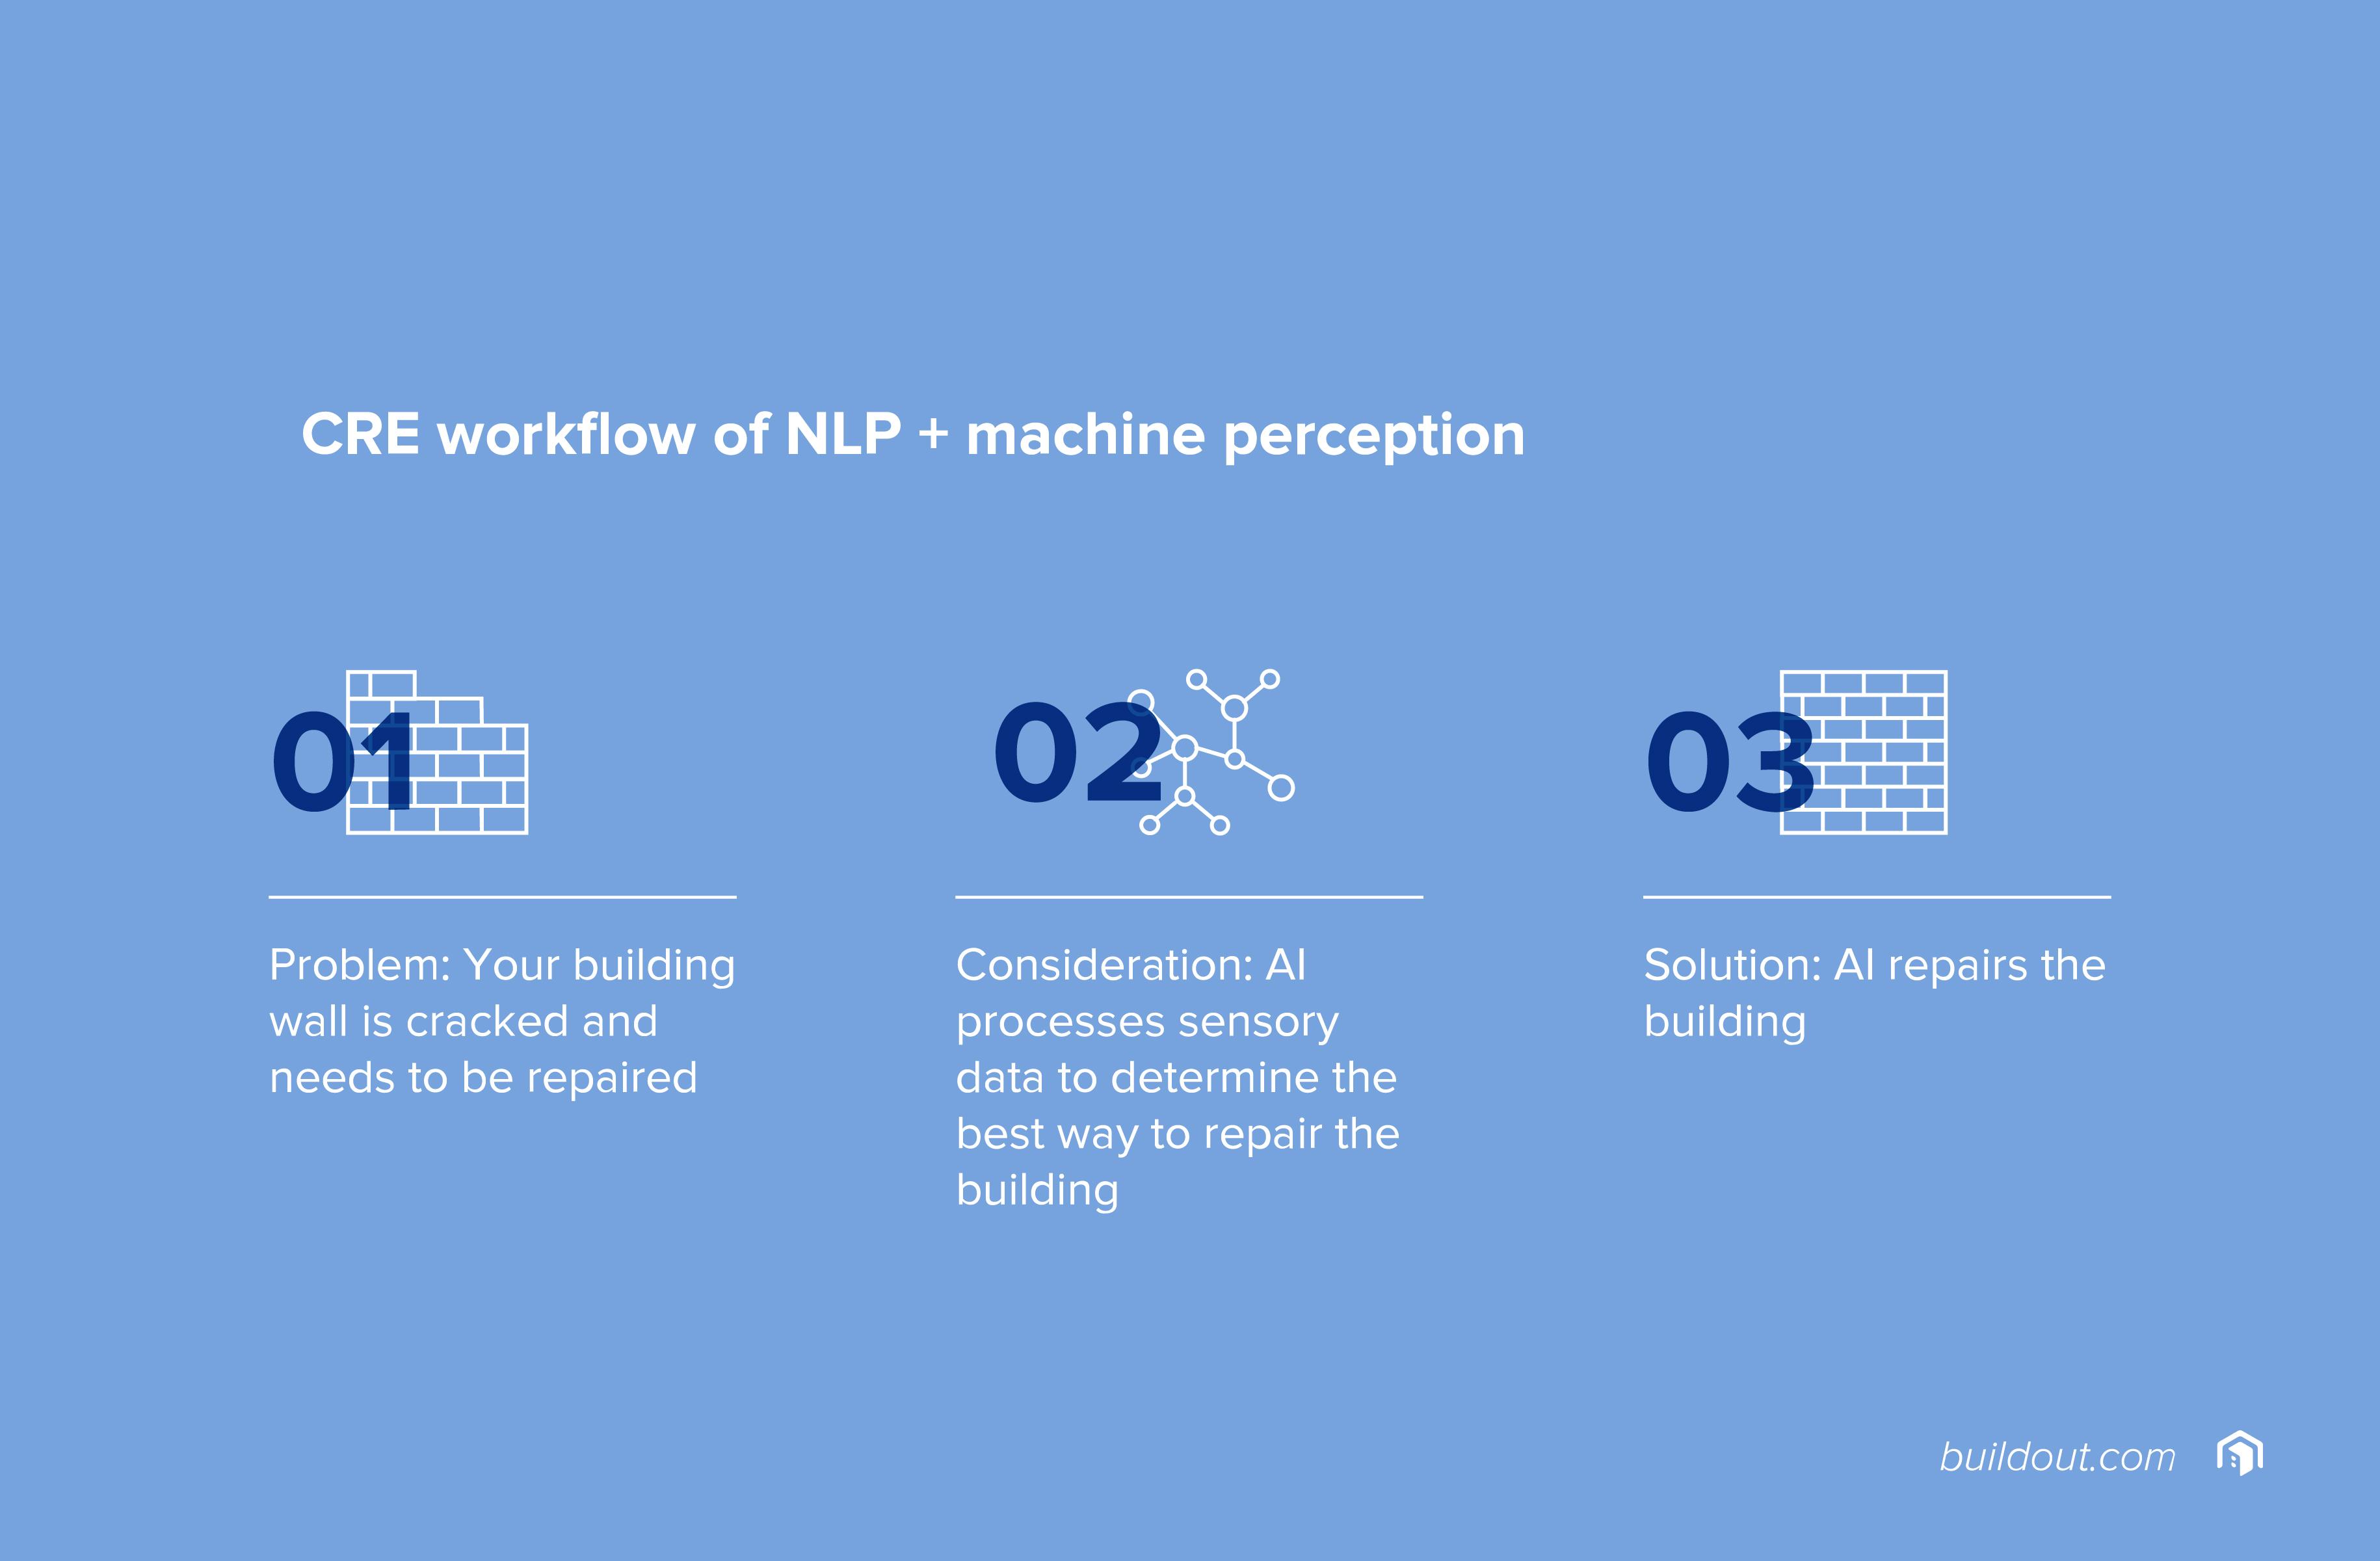 CRE workflow of NLP + machine perception